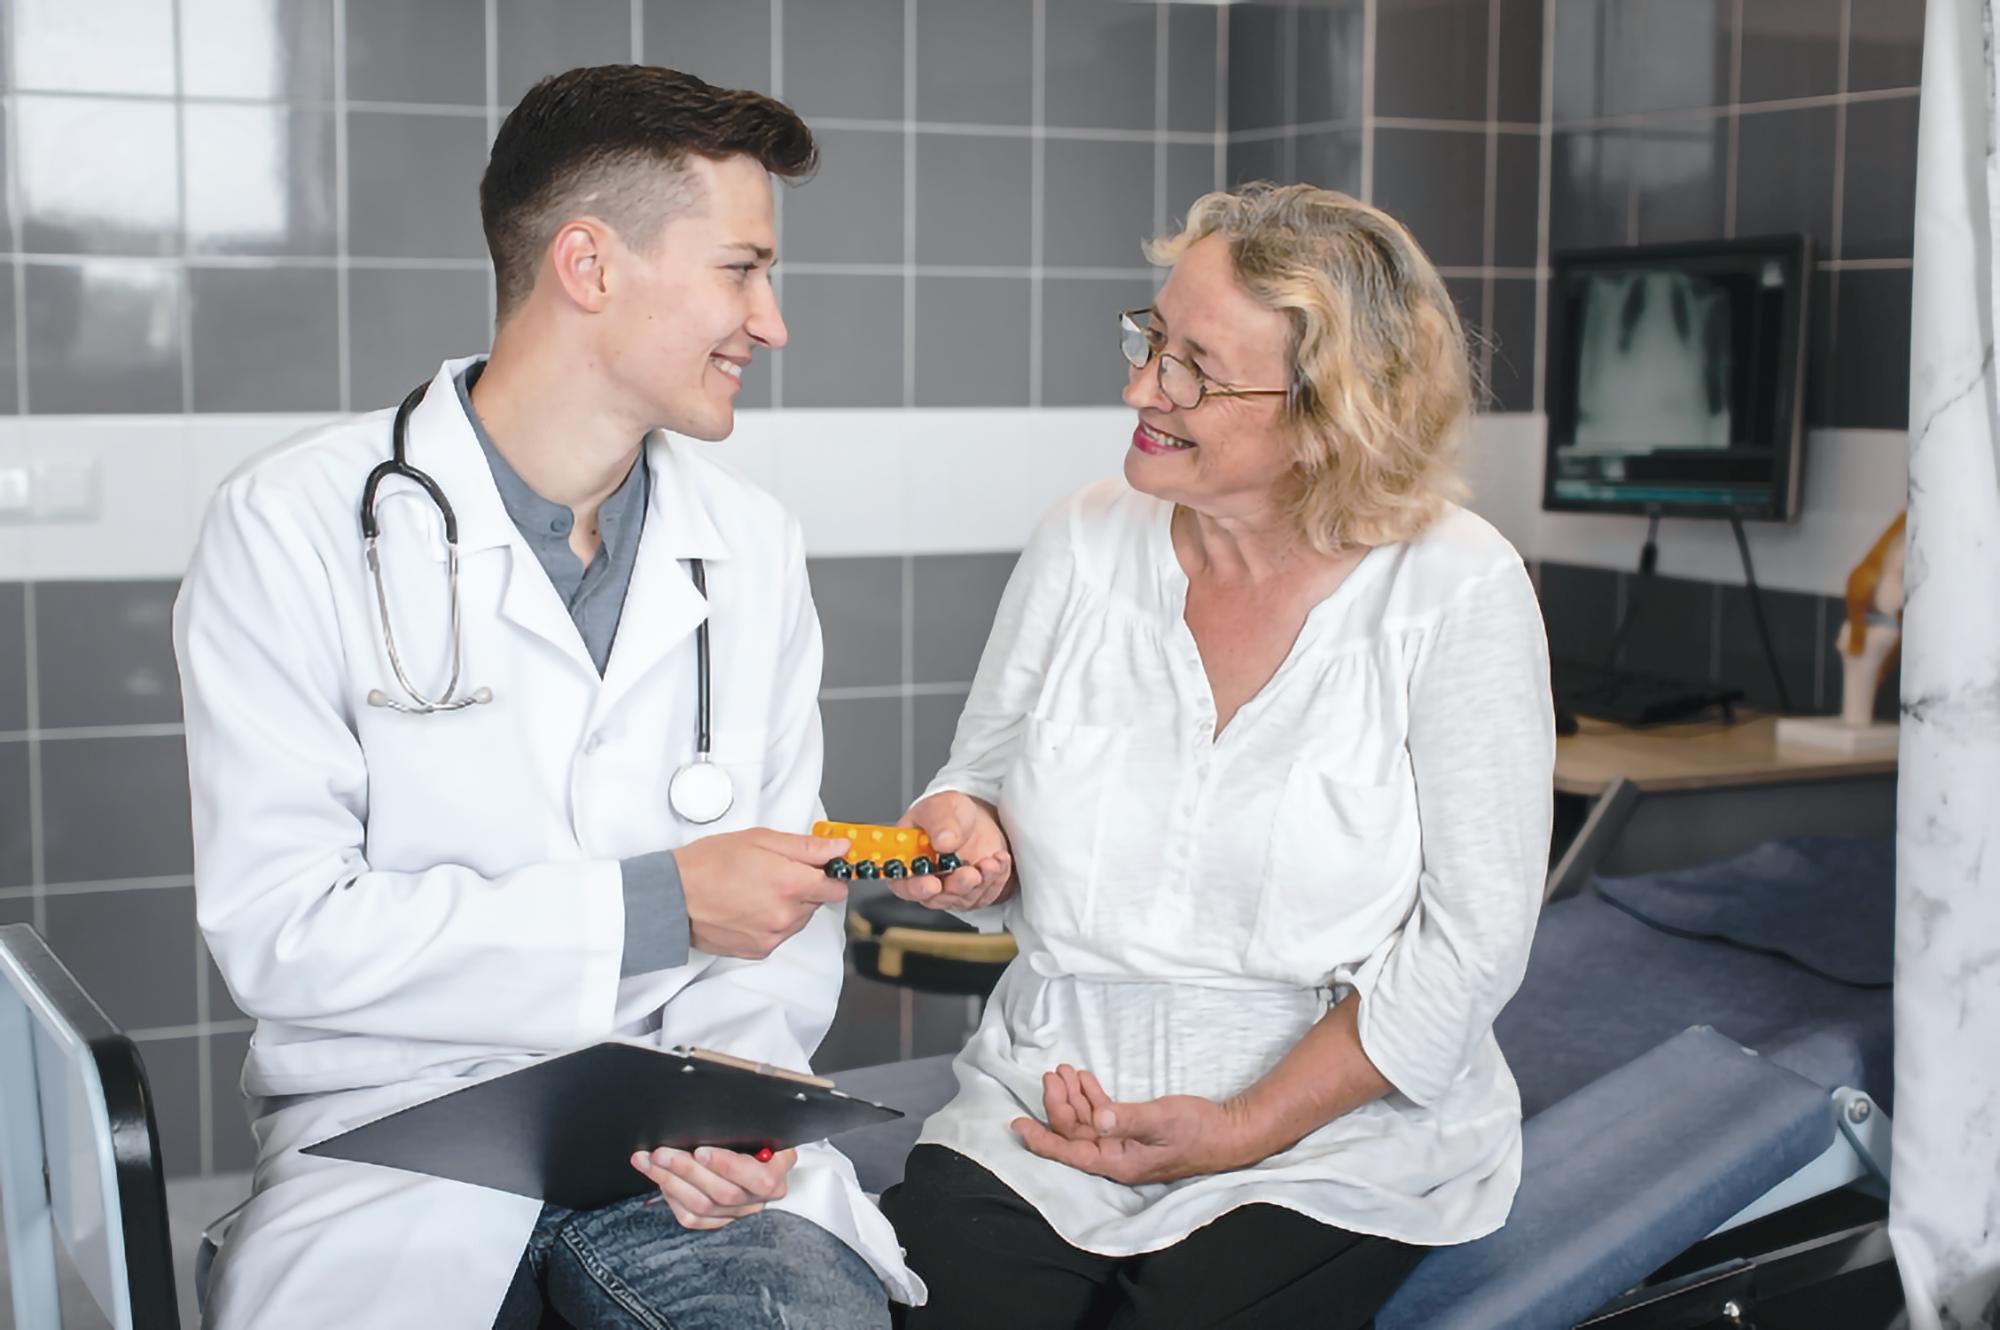 eribulina, La terapia dirigida en el tratamiento del cáncer de mama